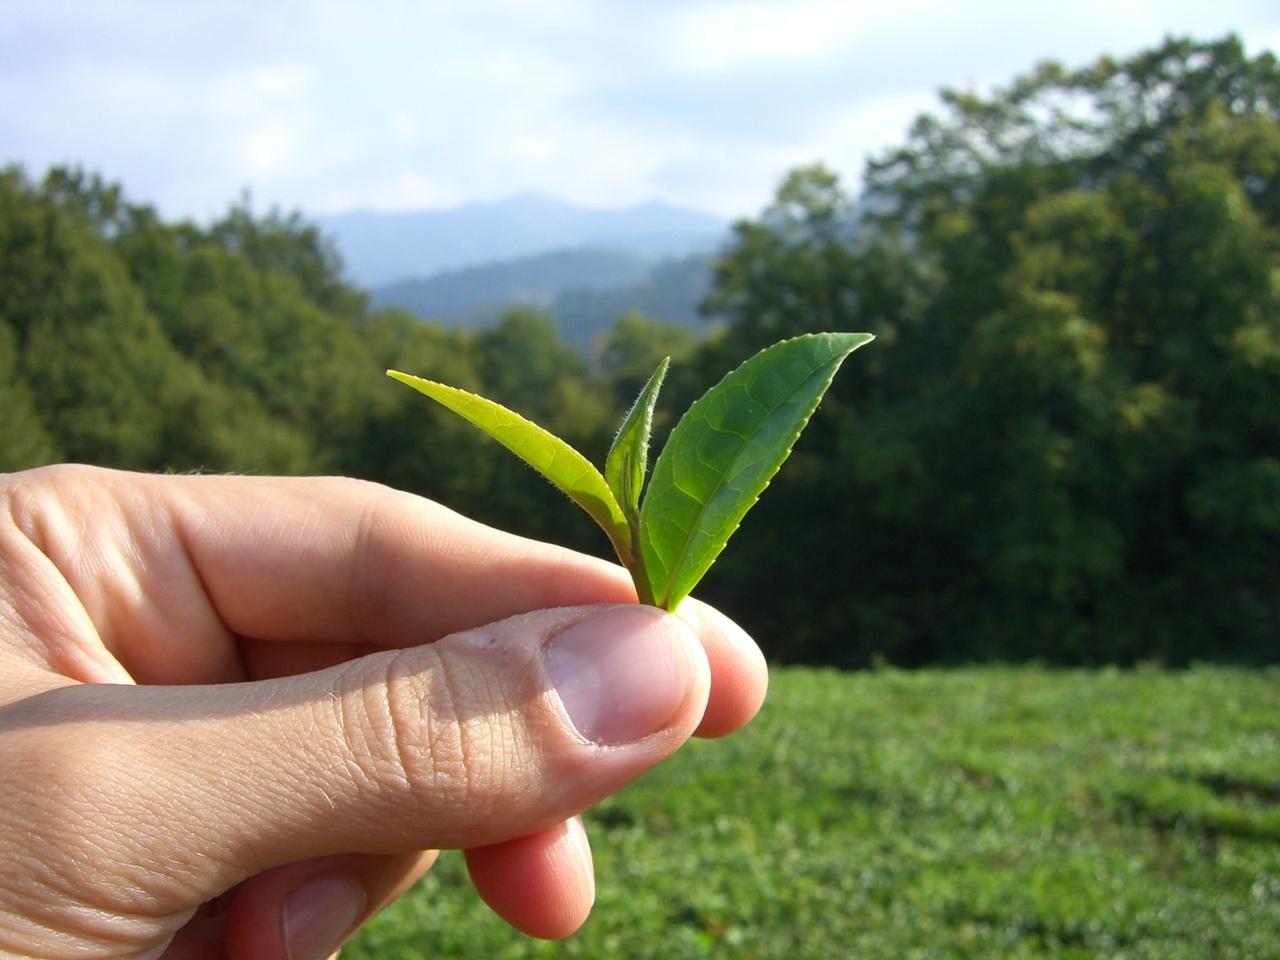 чай картинки как растет чай гардеробе малышей взрослых